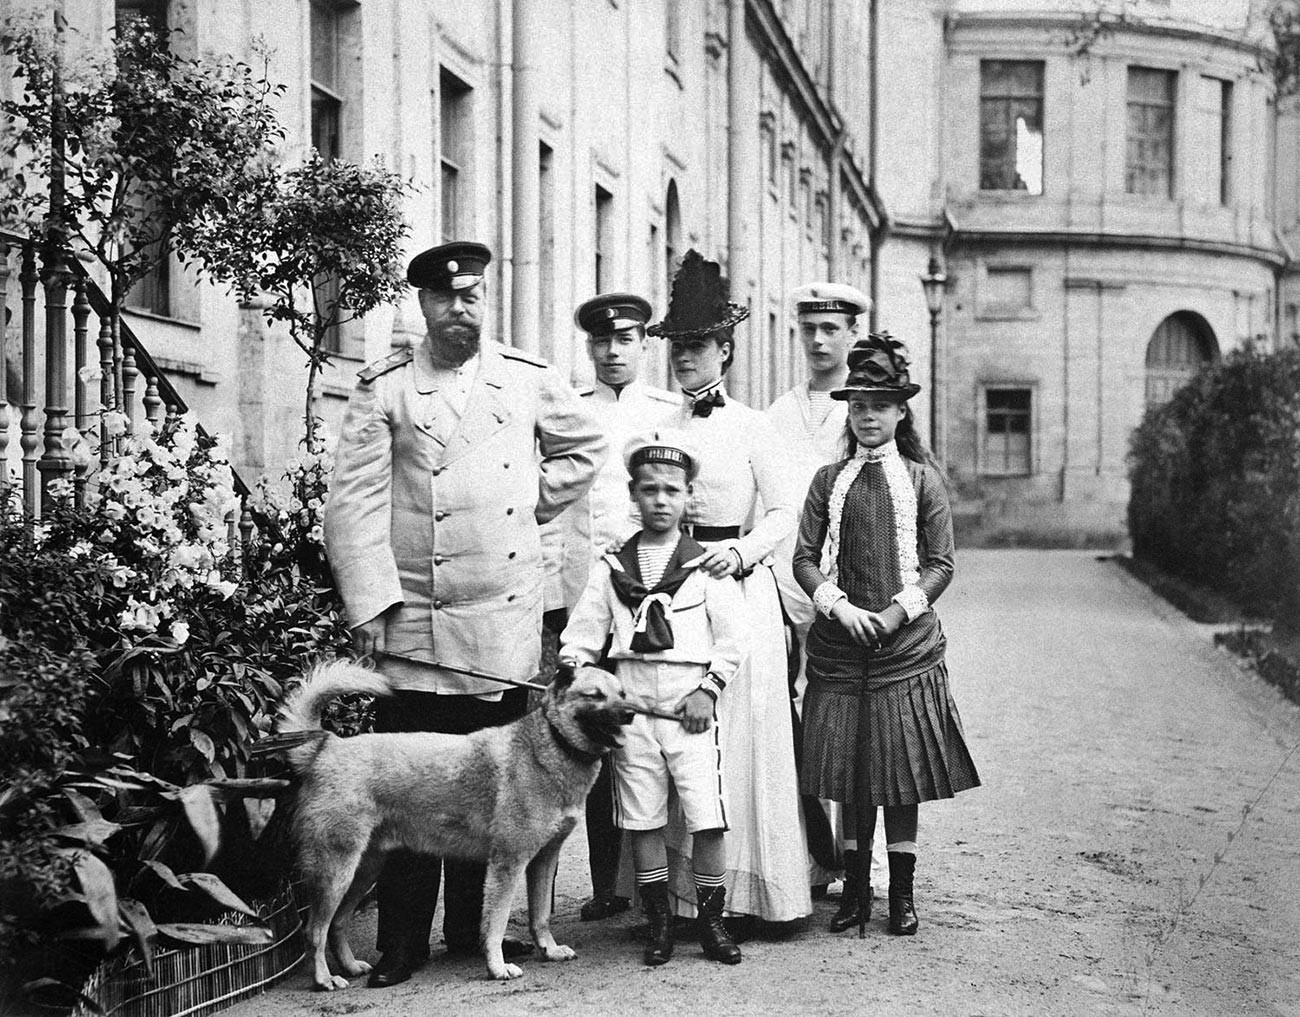 Император Александър III със семейството си (деца: Николай, Михаил, Георгий, Ксения), 1886 г.